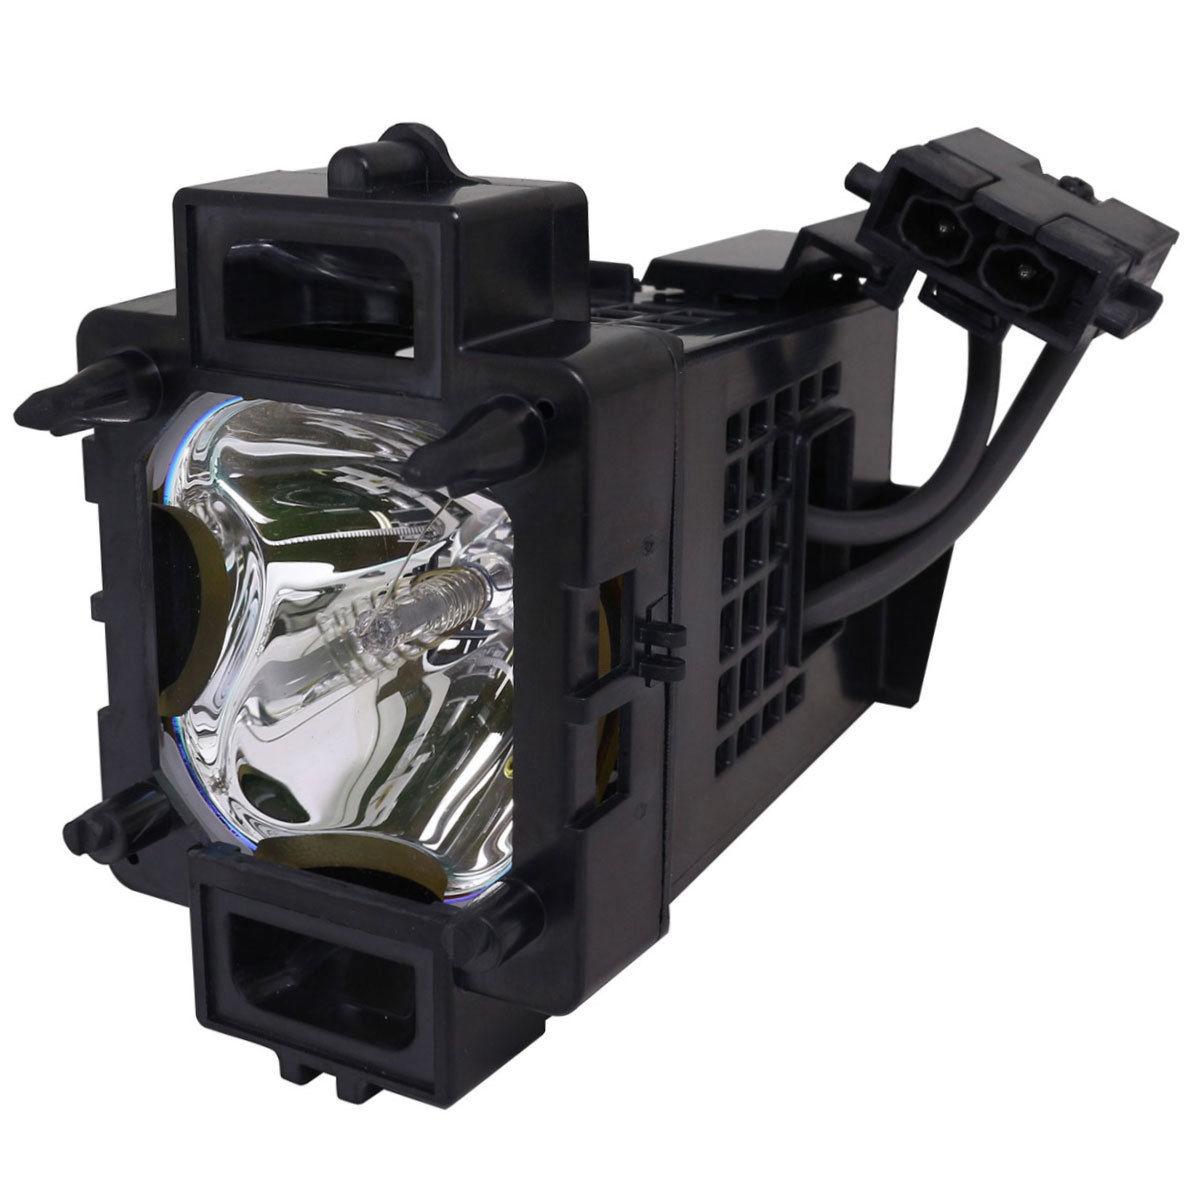 Boîtier de lampe pour Sony KDS-R70XBR2/KDSR70XBR2 ampoule de Projection TV DLP